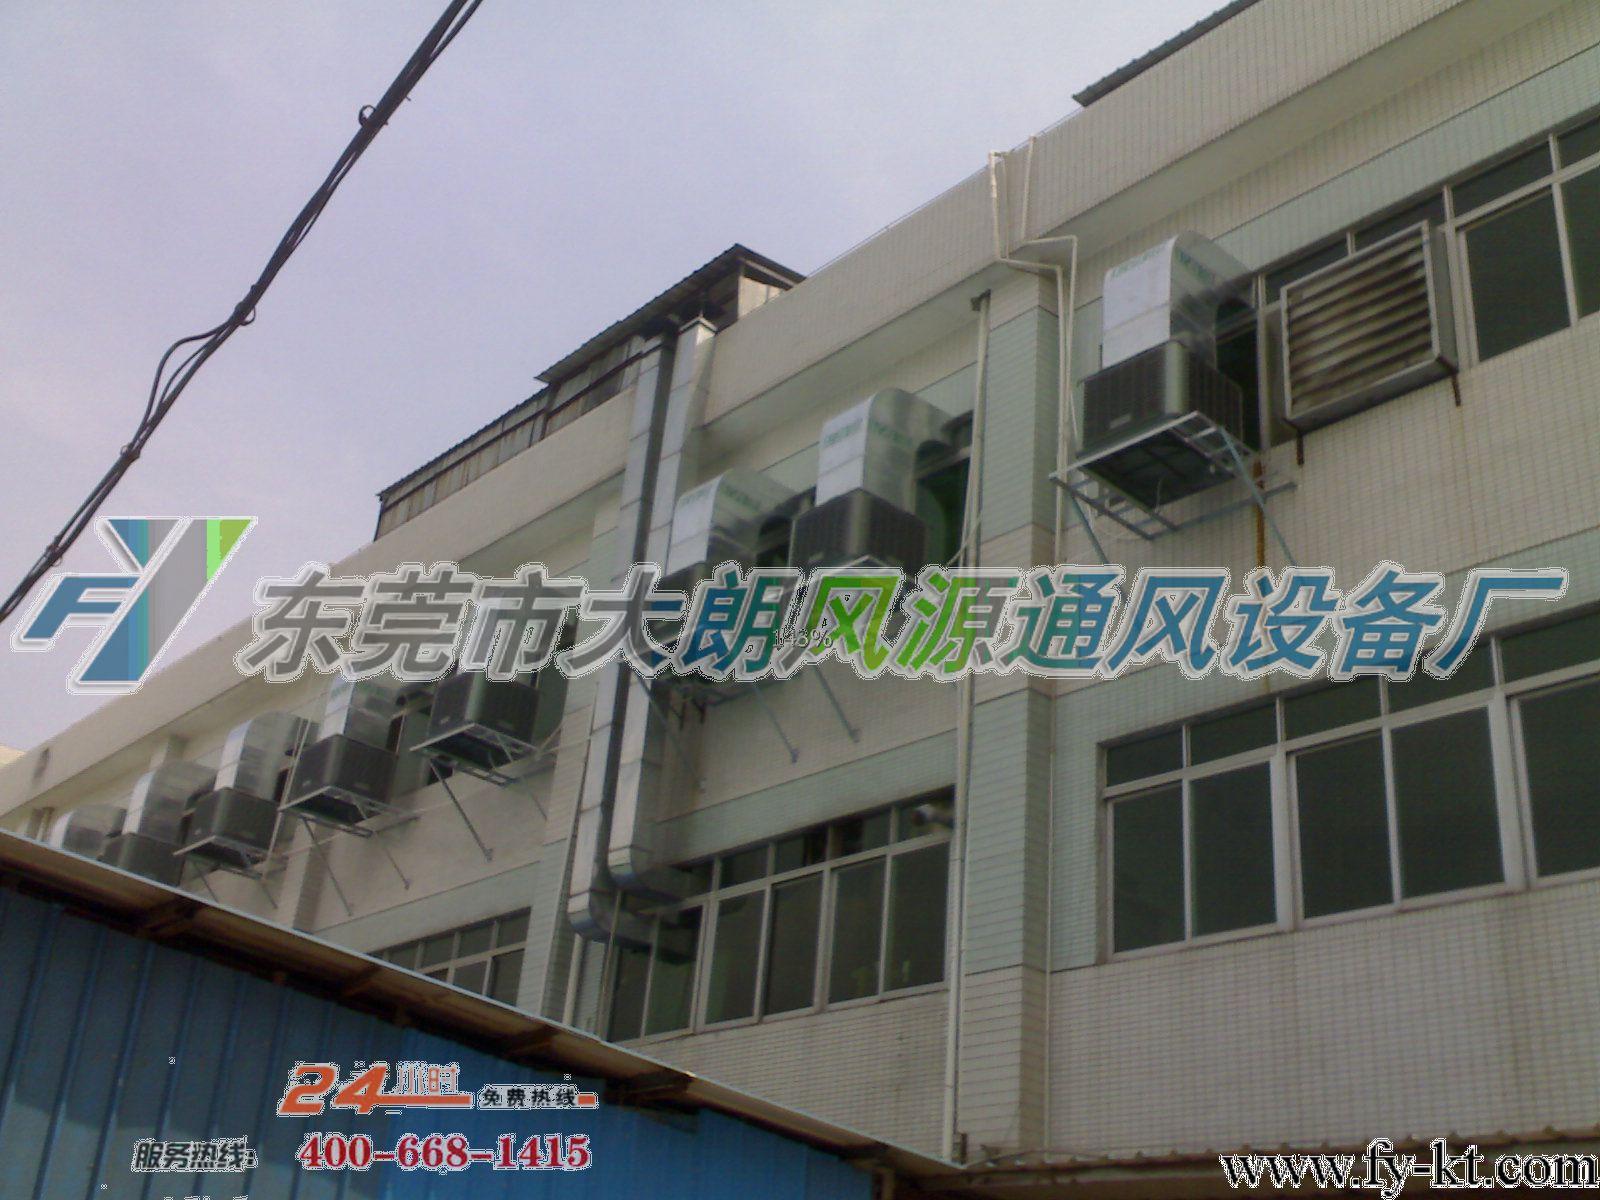 惠州圆洲环保空调厂家,厂房降温设备,水帘风机厂家直销